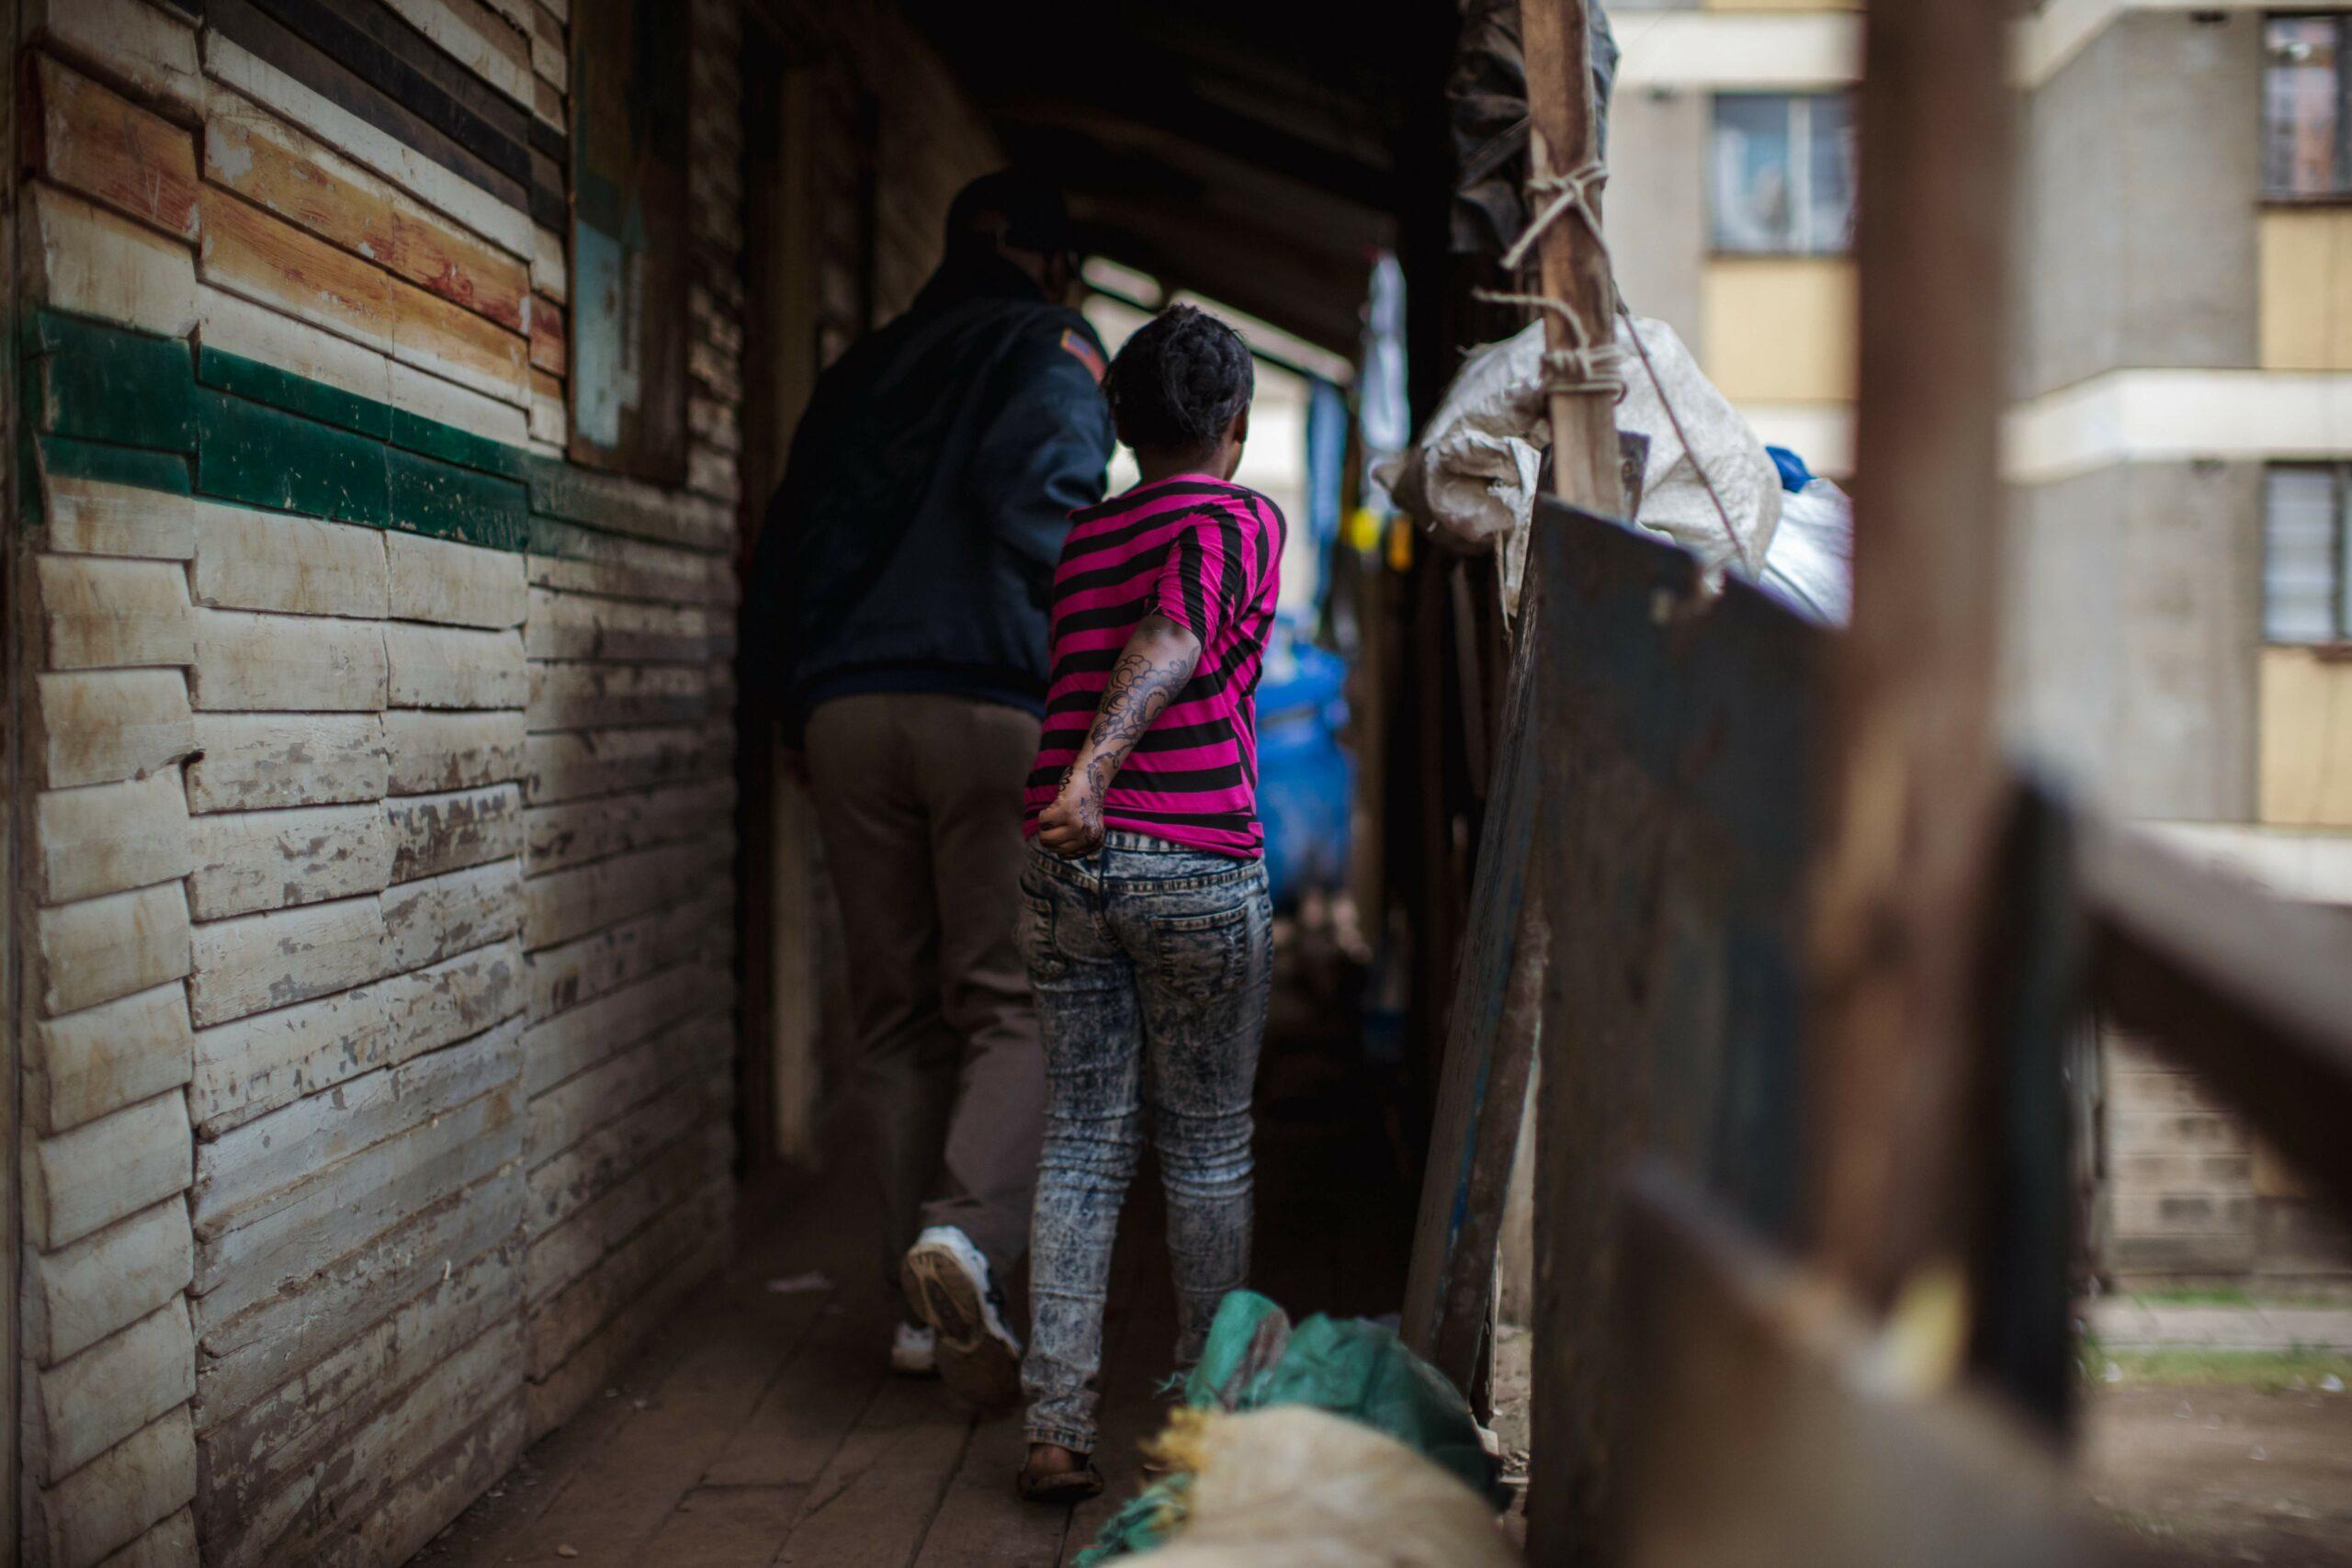 Die sexuelle Ausbeutung durch Reisende ist ein wachsendes Problem.